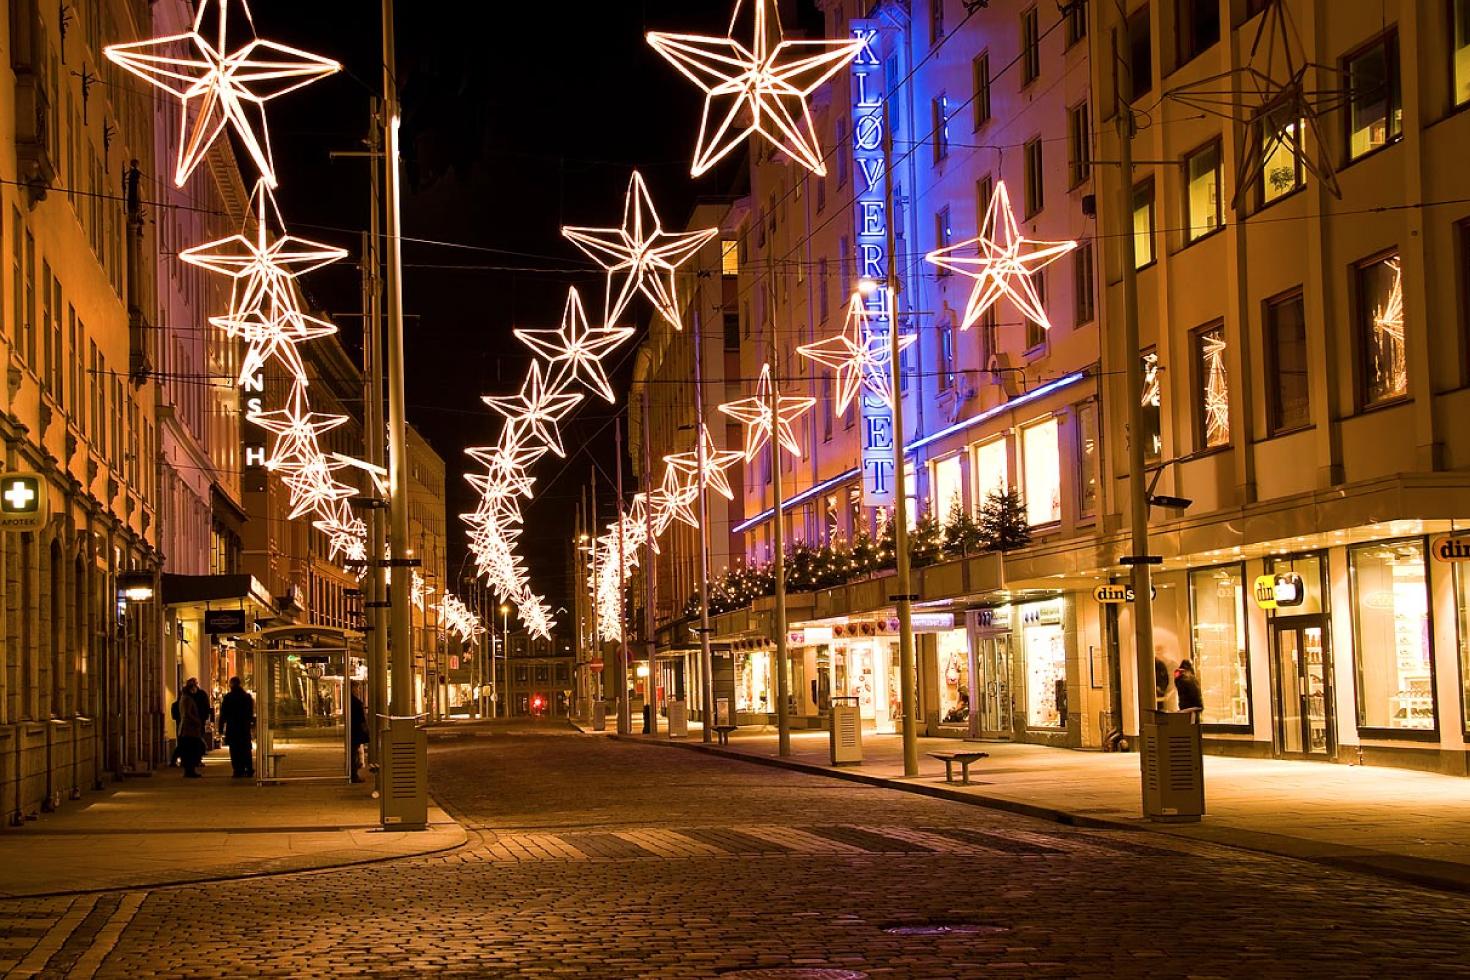 Strandgaten street view